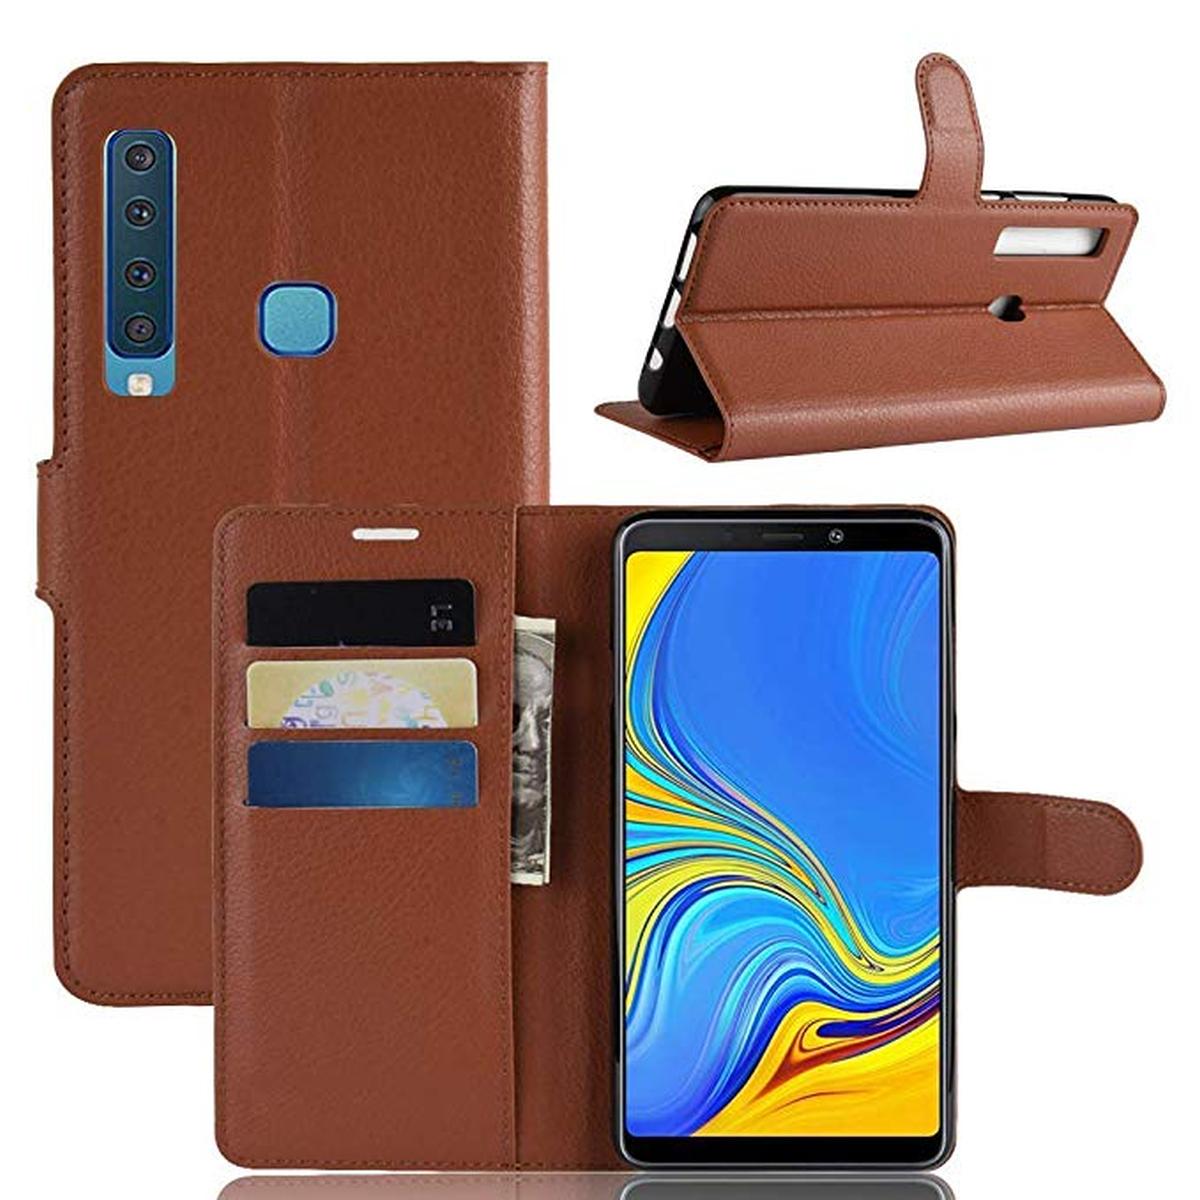 Samsung-Galaxy-A9-leather-case-1